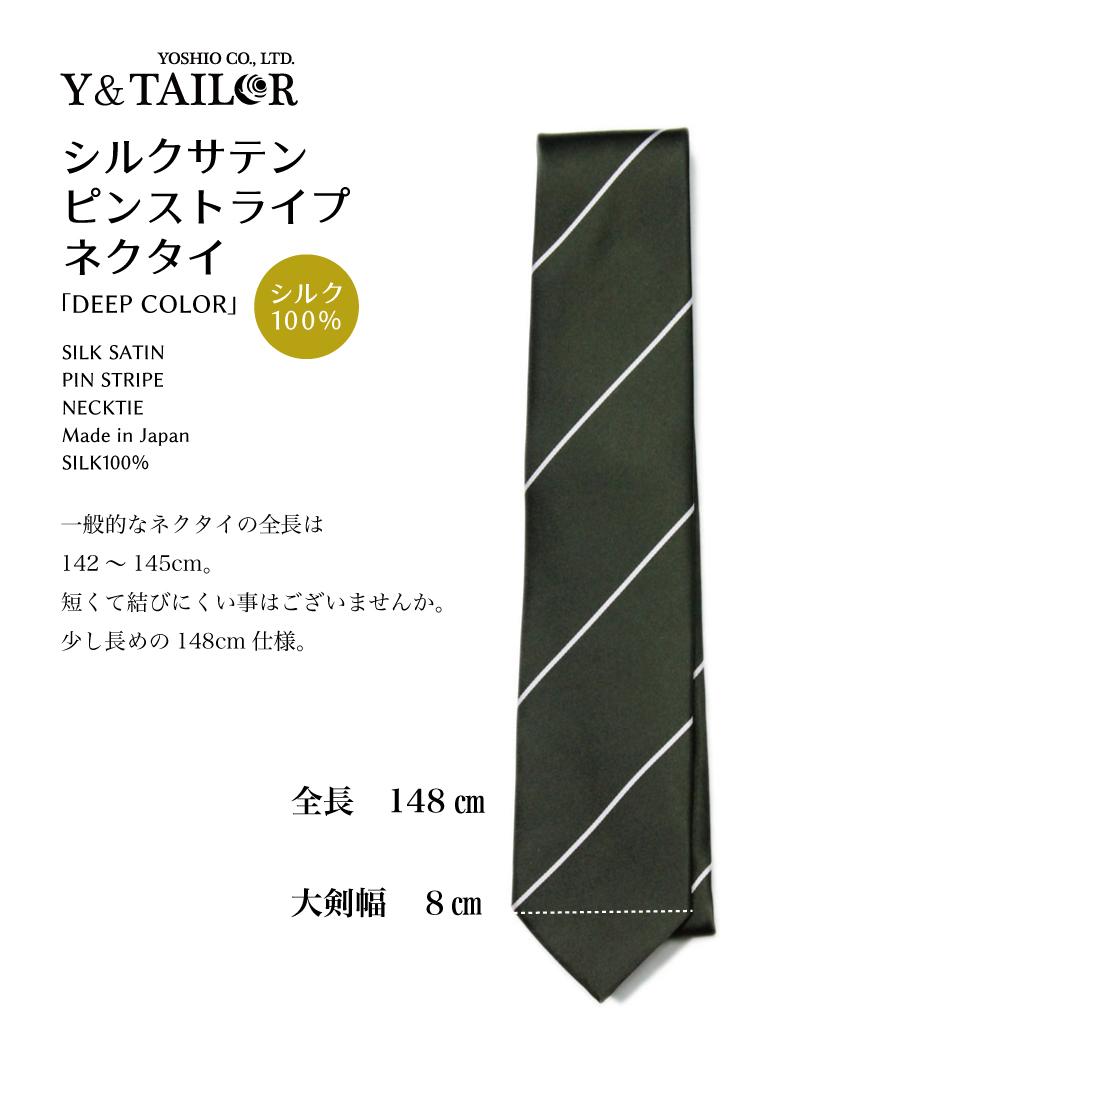 ネクタイ シルク ピンストライプ ディープカラー 4colors